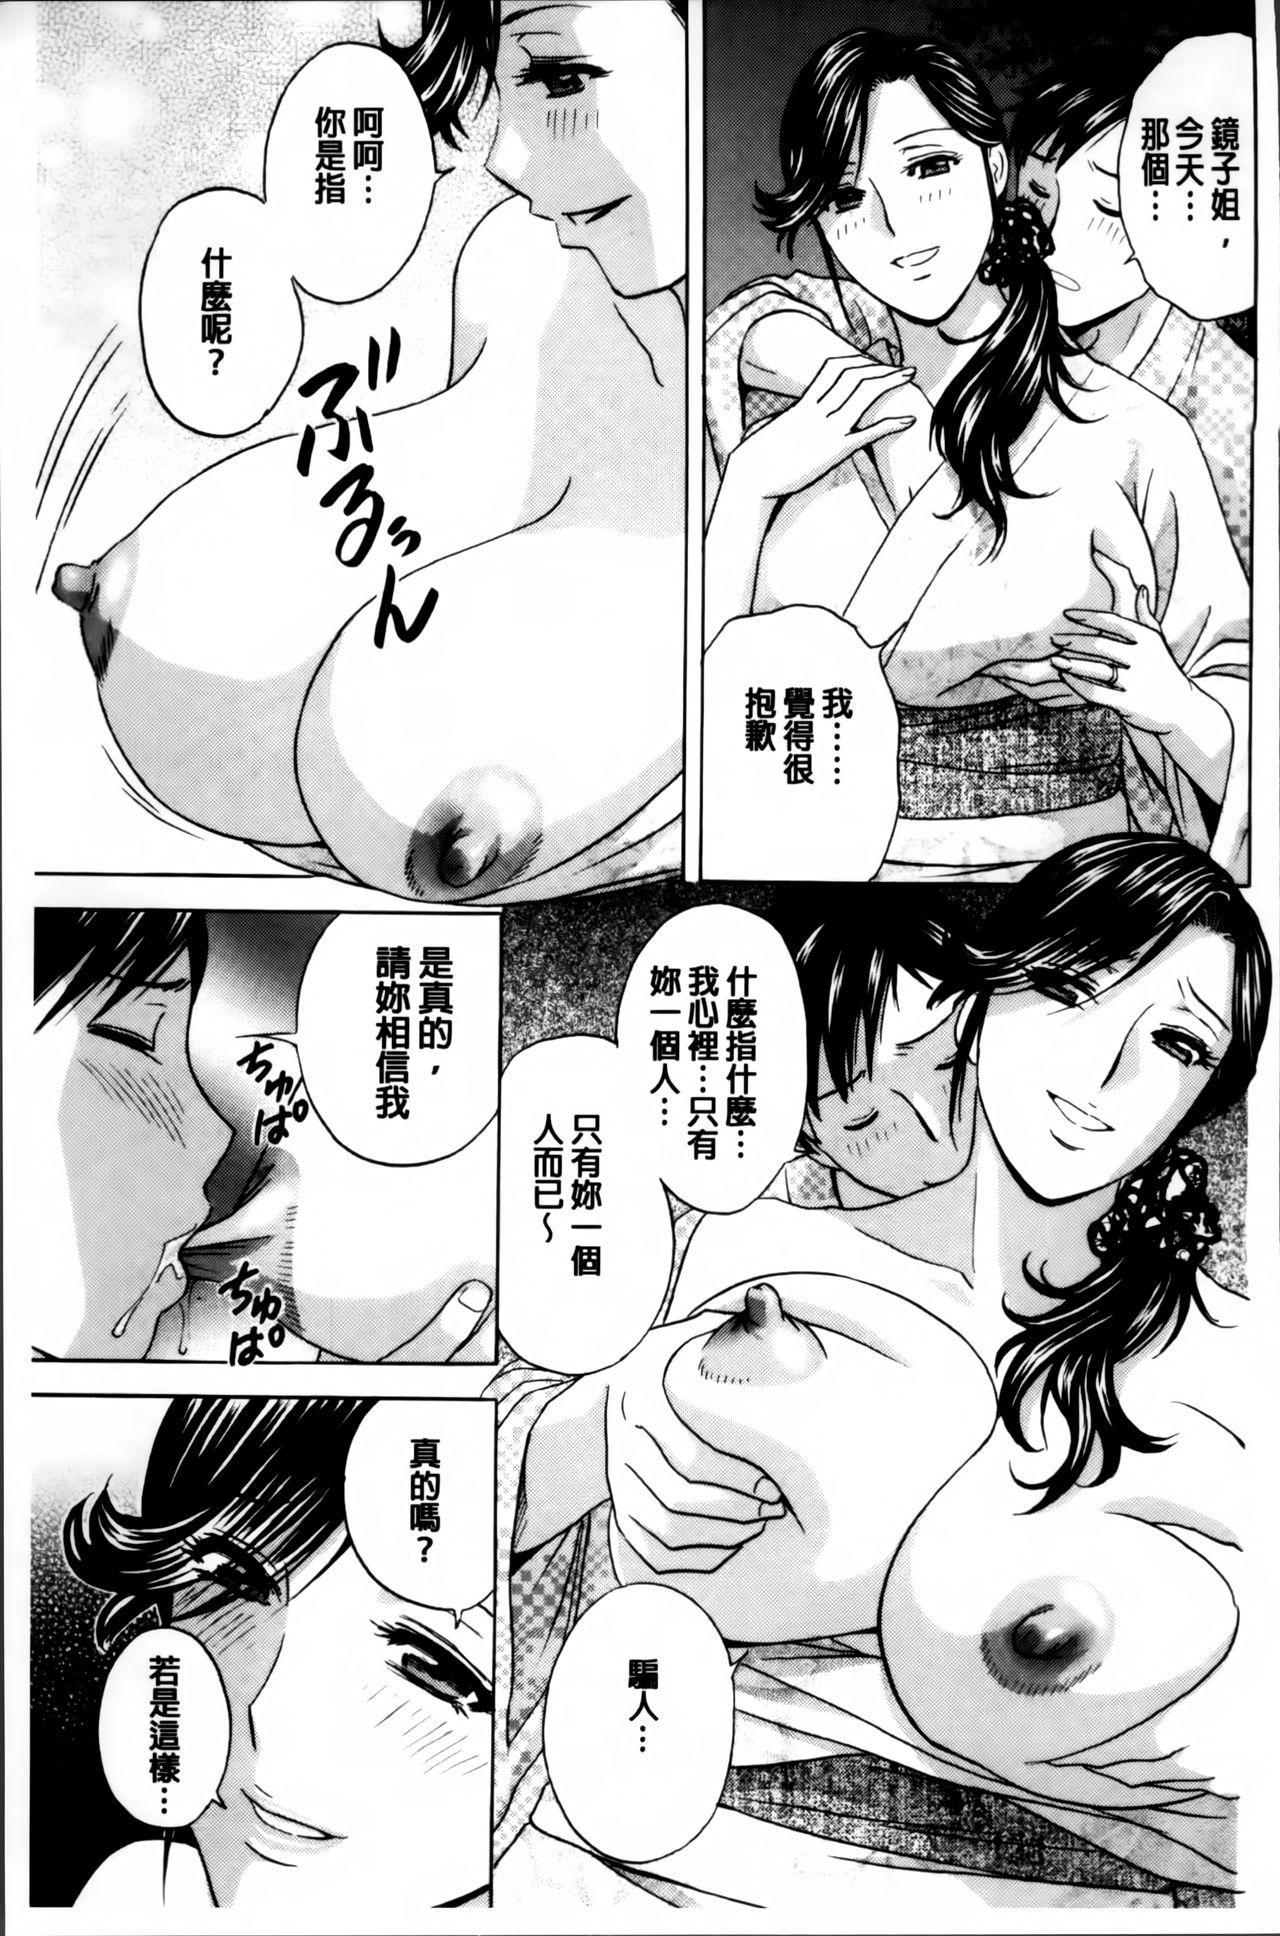 Midara Shimai Asobi 109